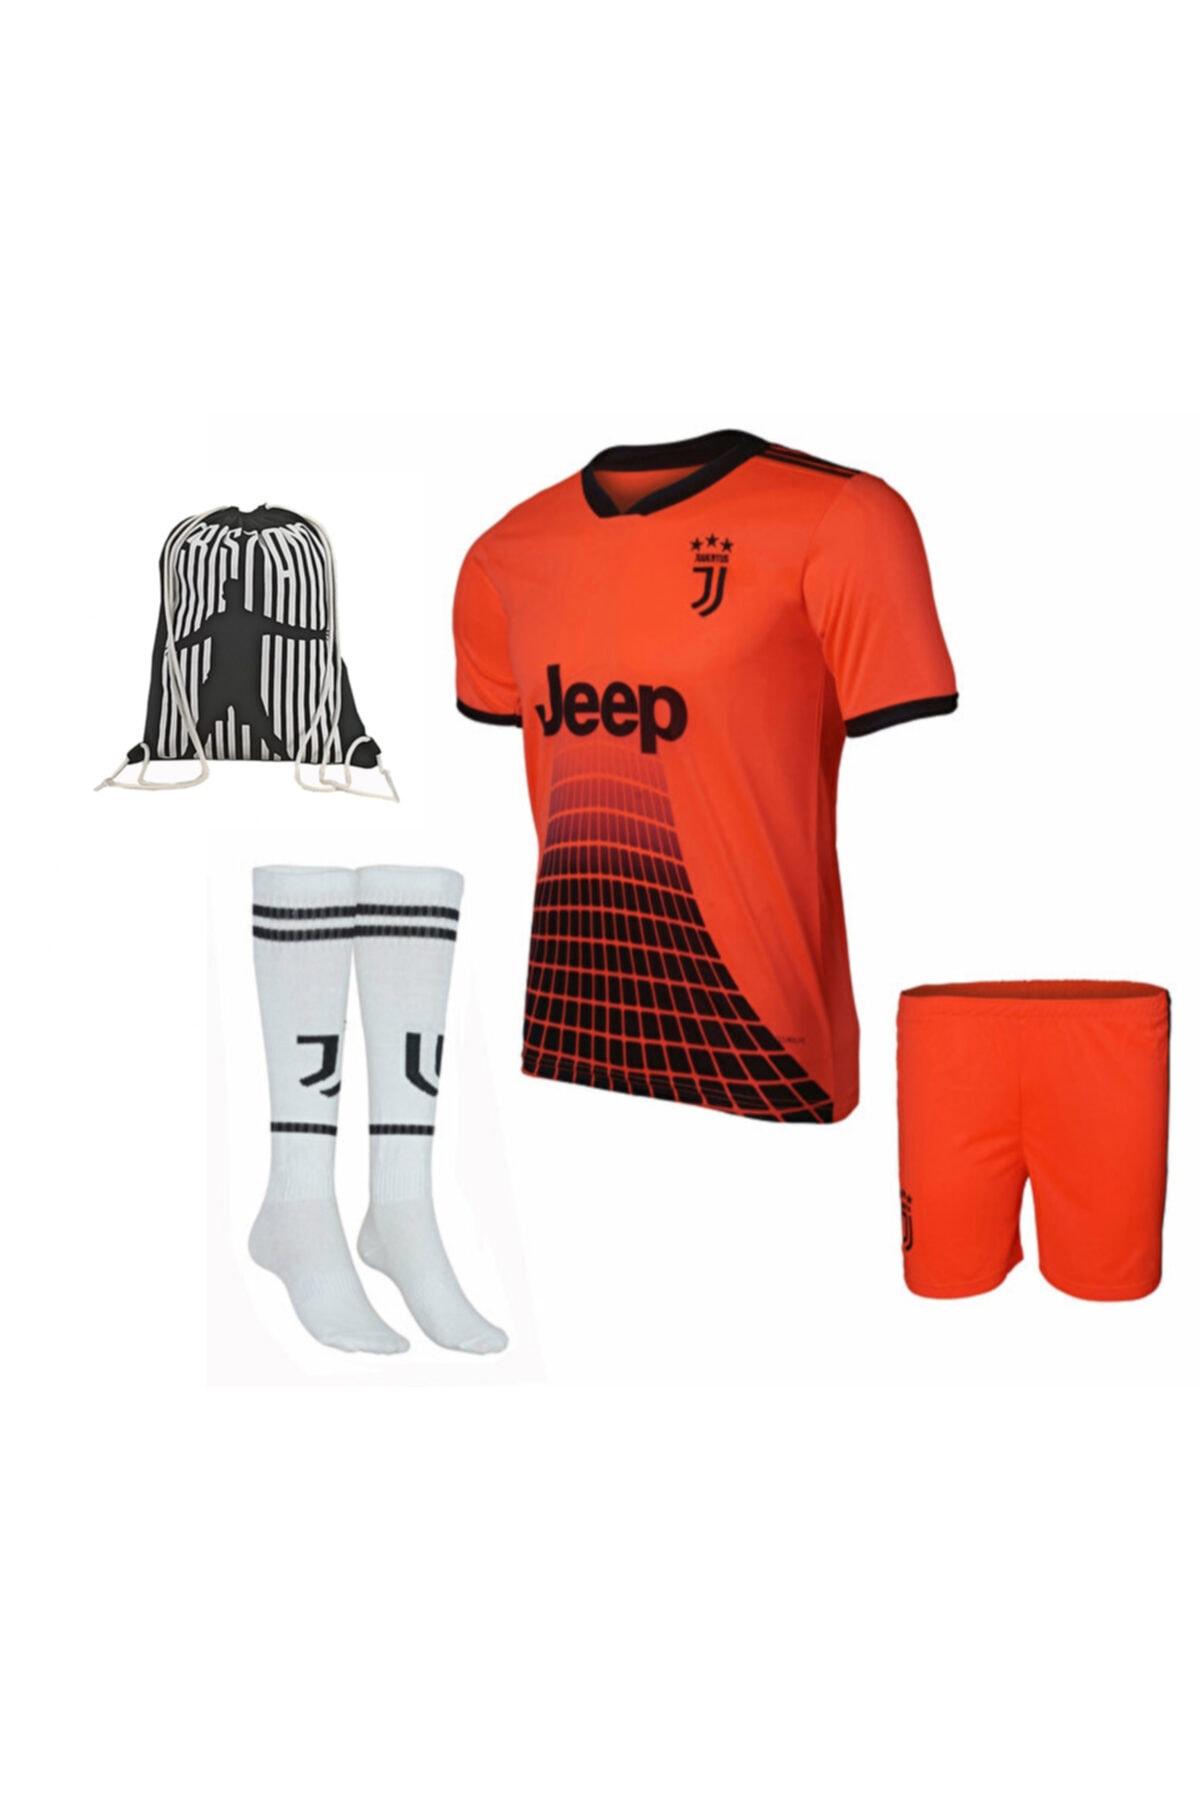 Juventus Ronaldo Çocuk Forma Şort Çorap Ve Çanta Floresan Oranj